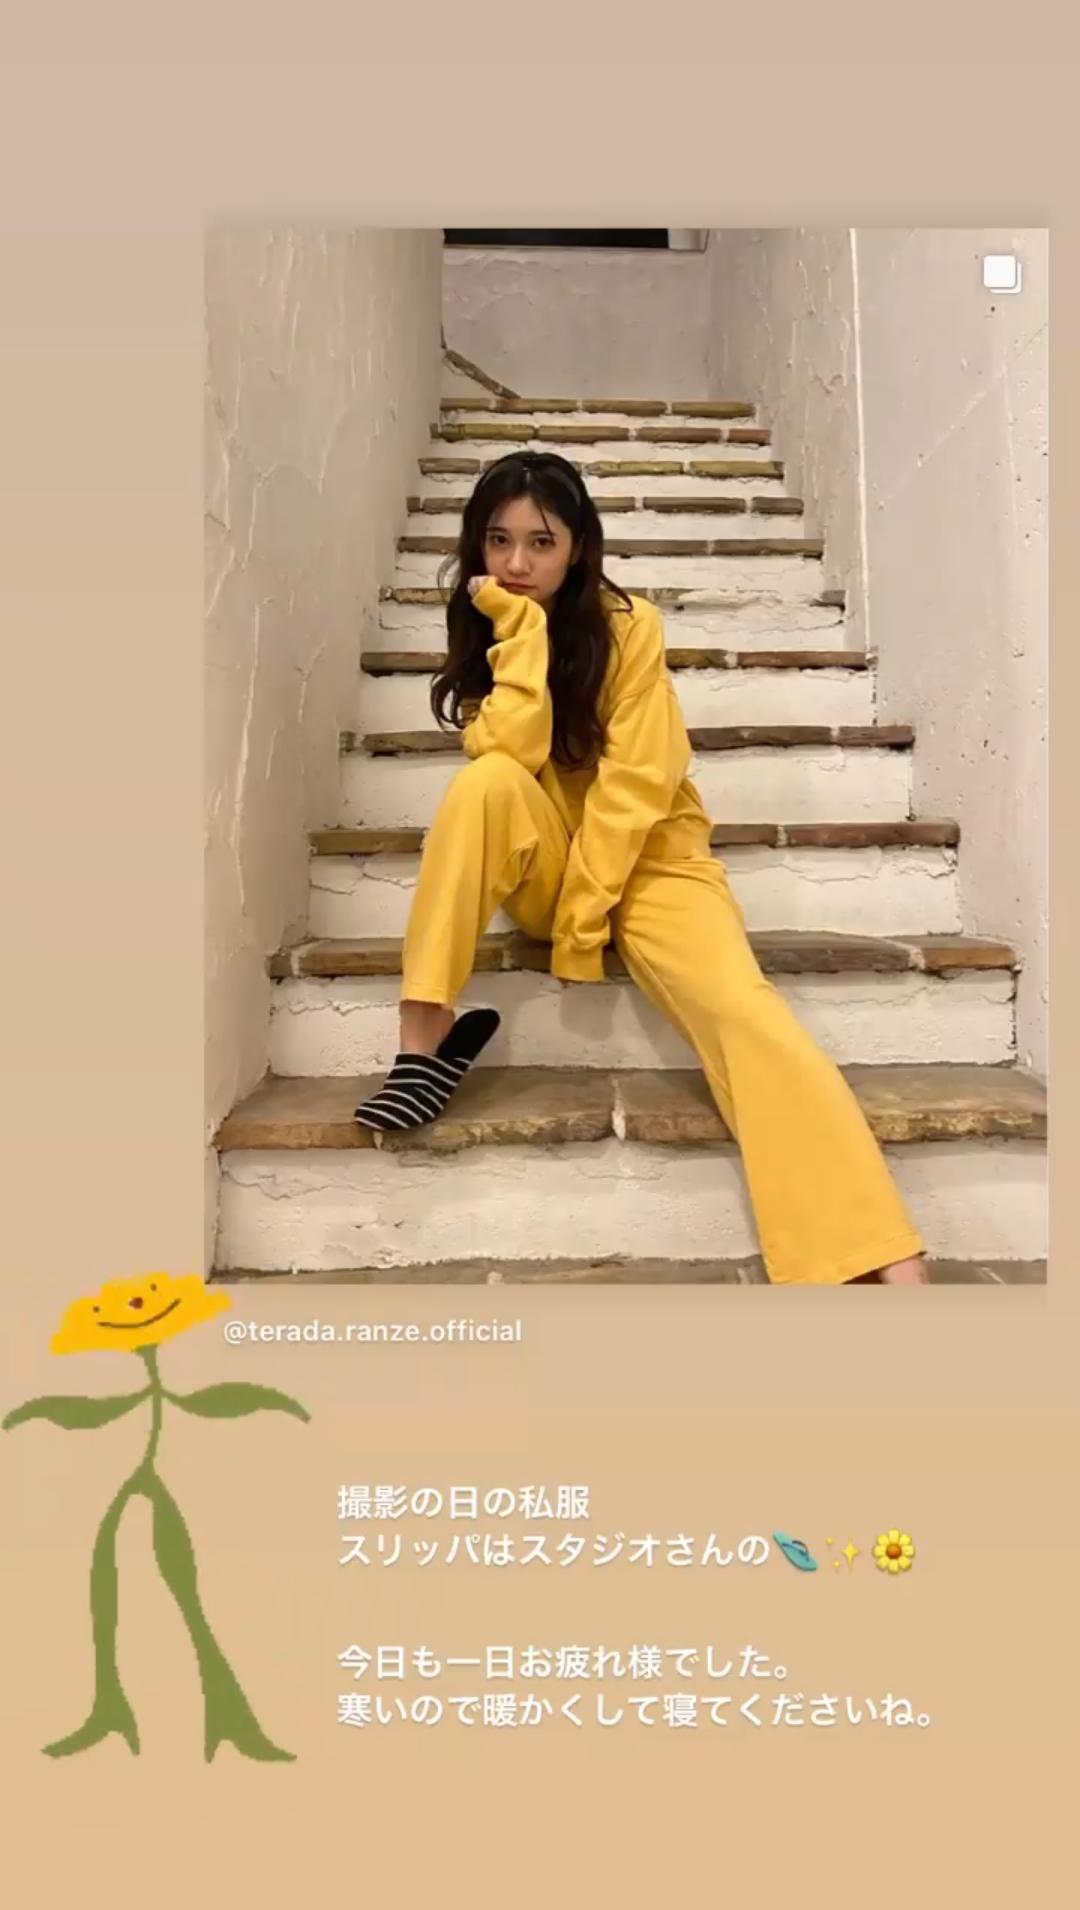 寺田蘭世の私服が上下黄色